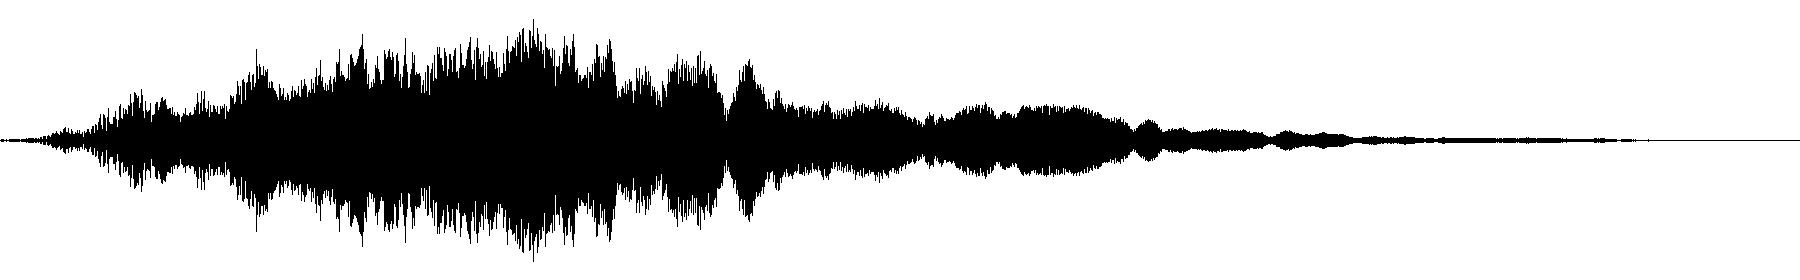 vfx1 atmos 05